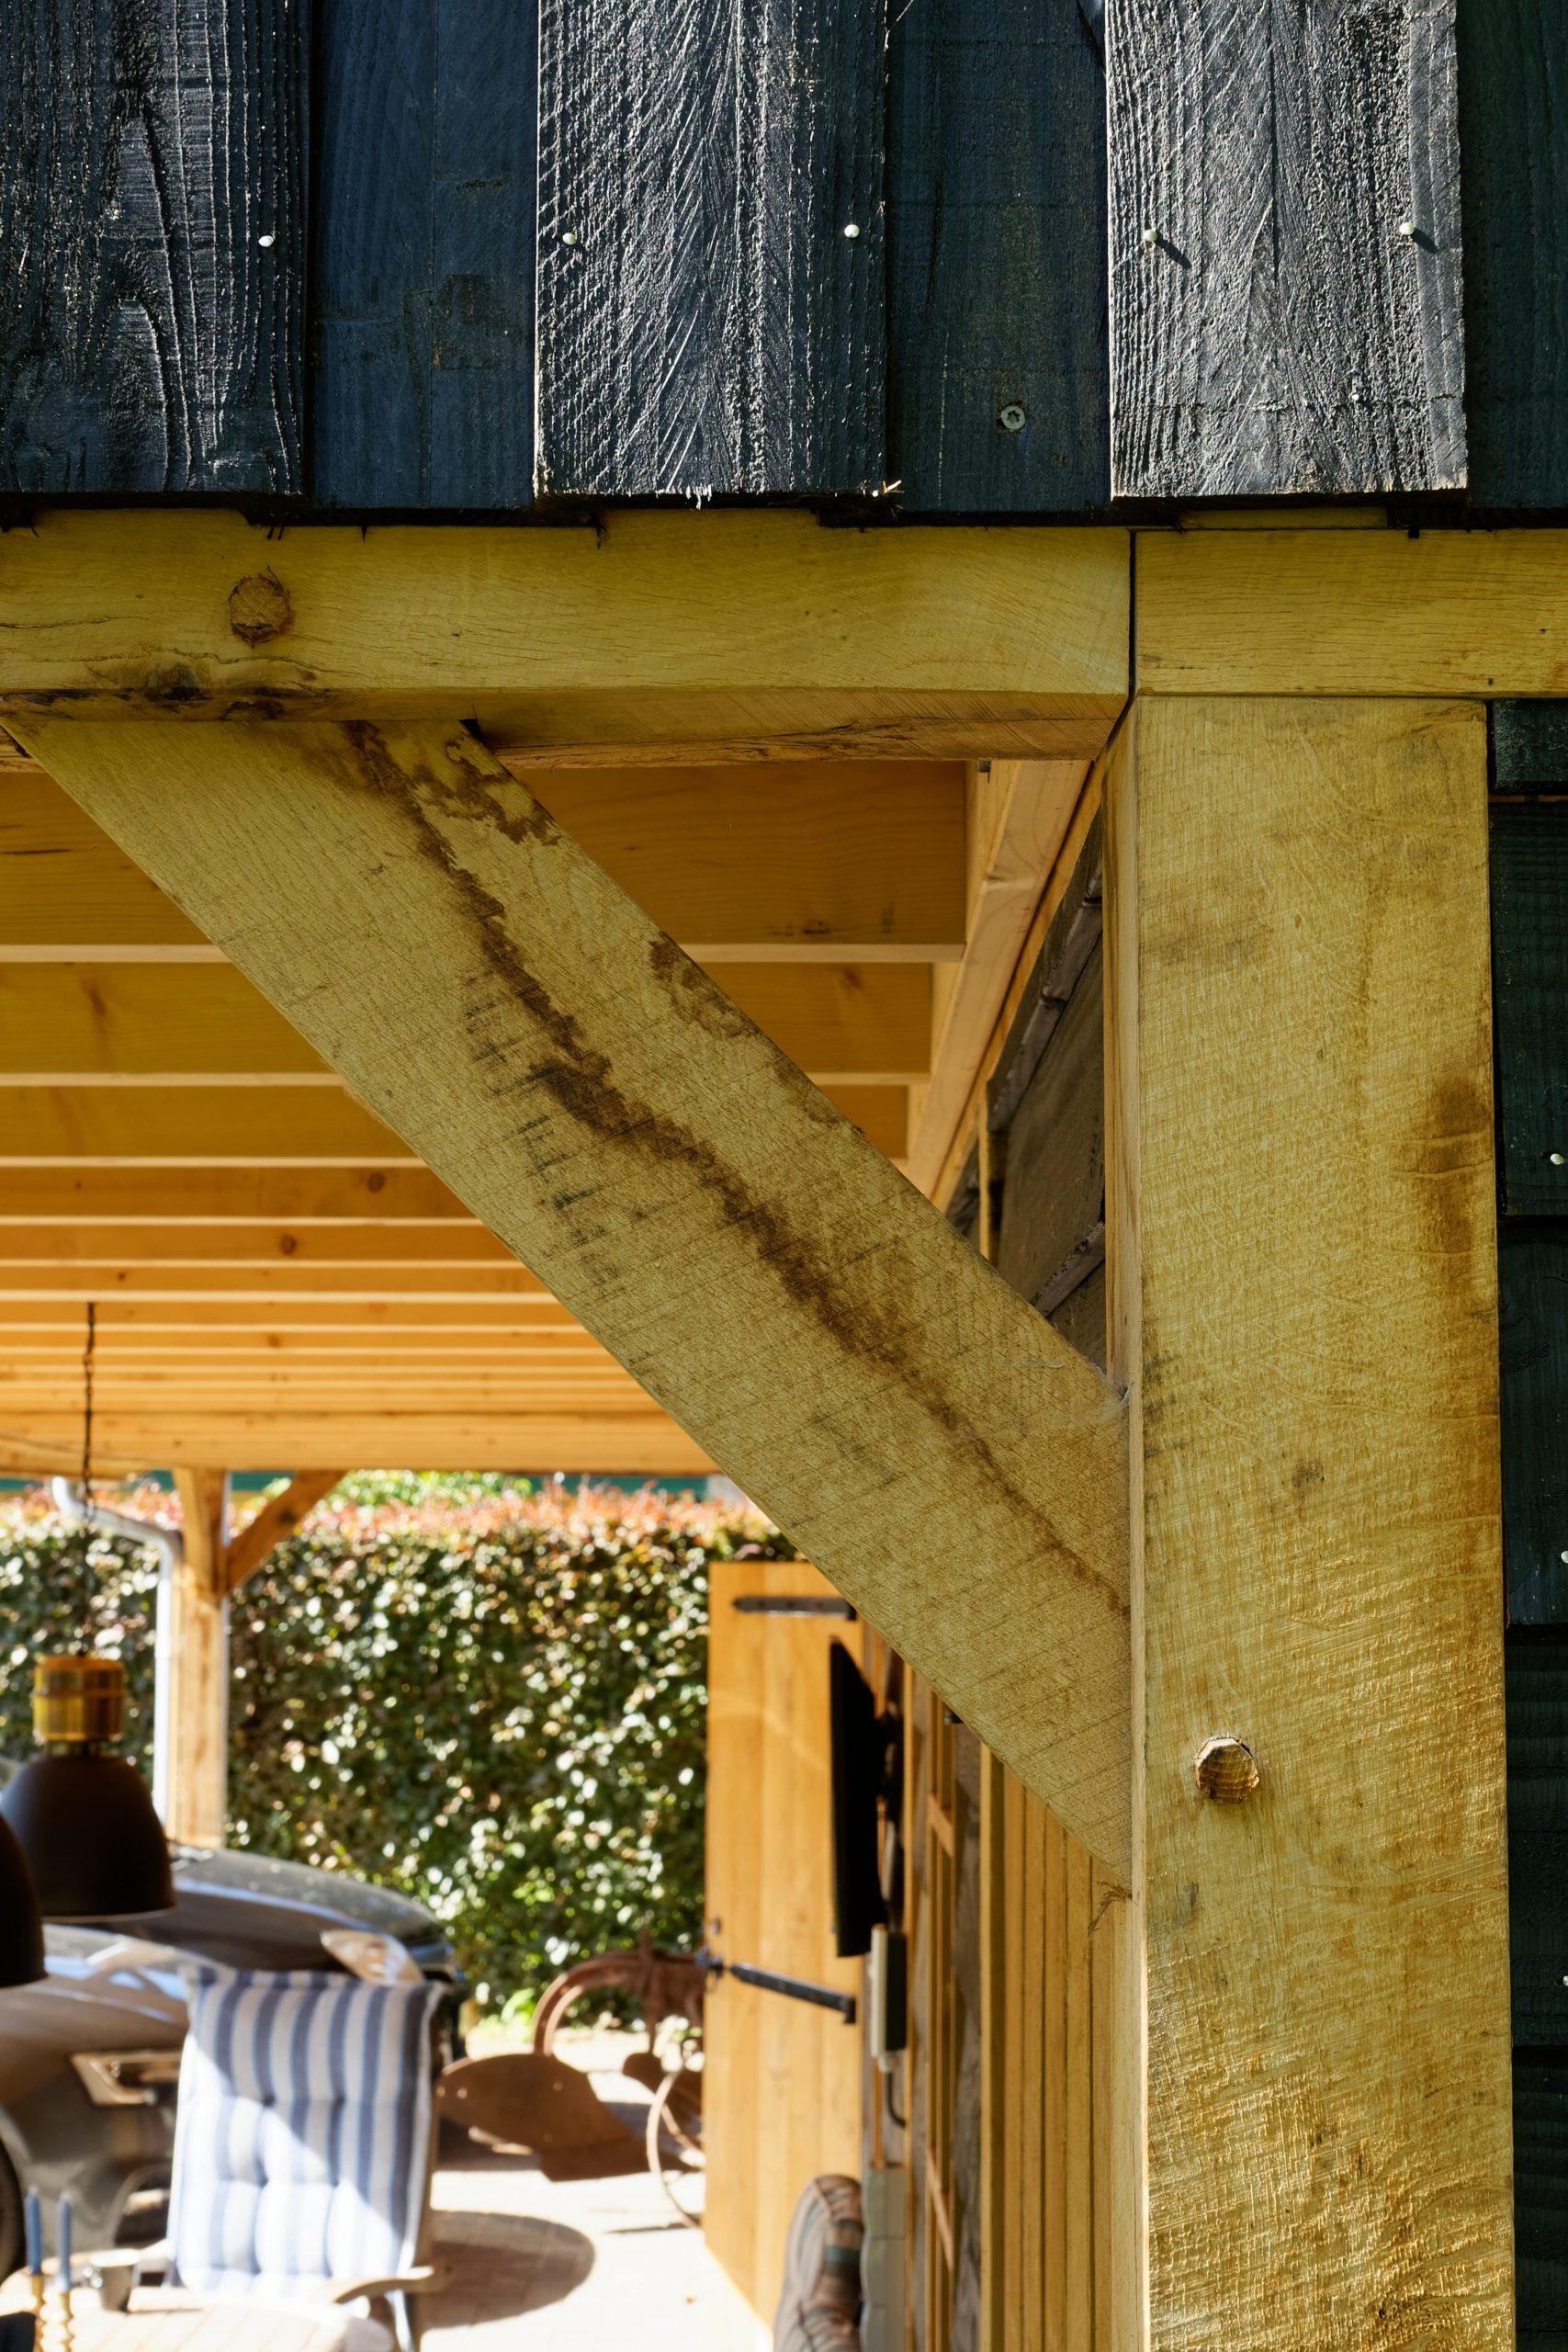 Landelijk-houten-schuur-7-scaled - Landelijke Schuur met carport